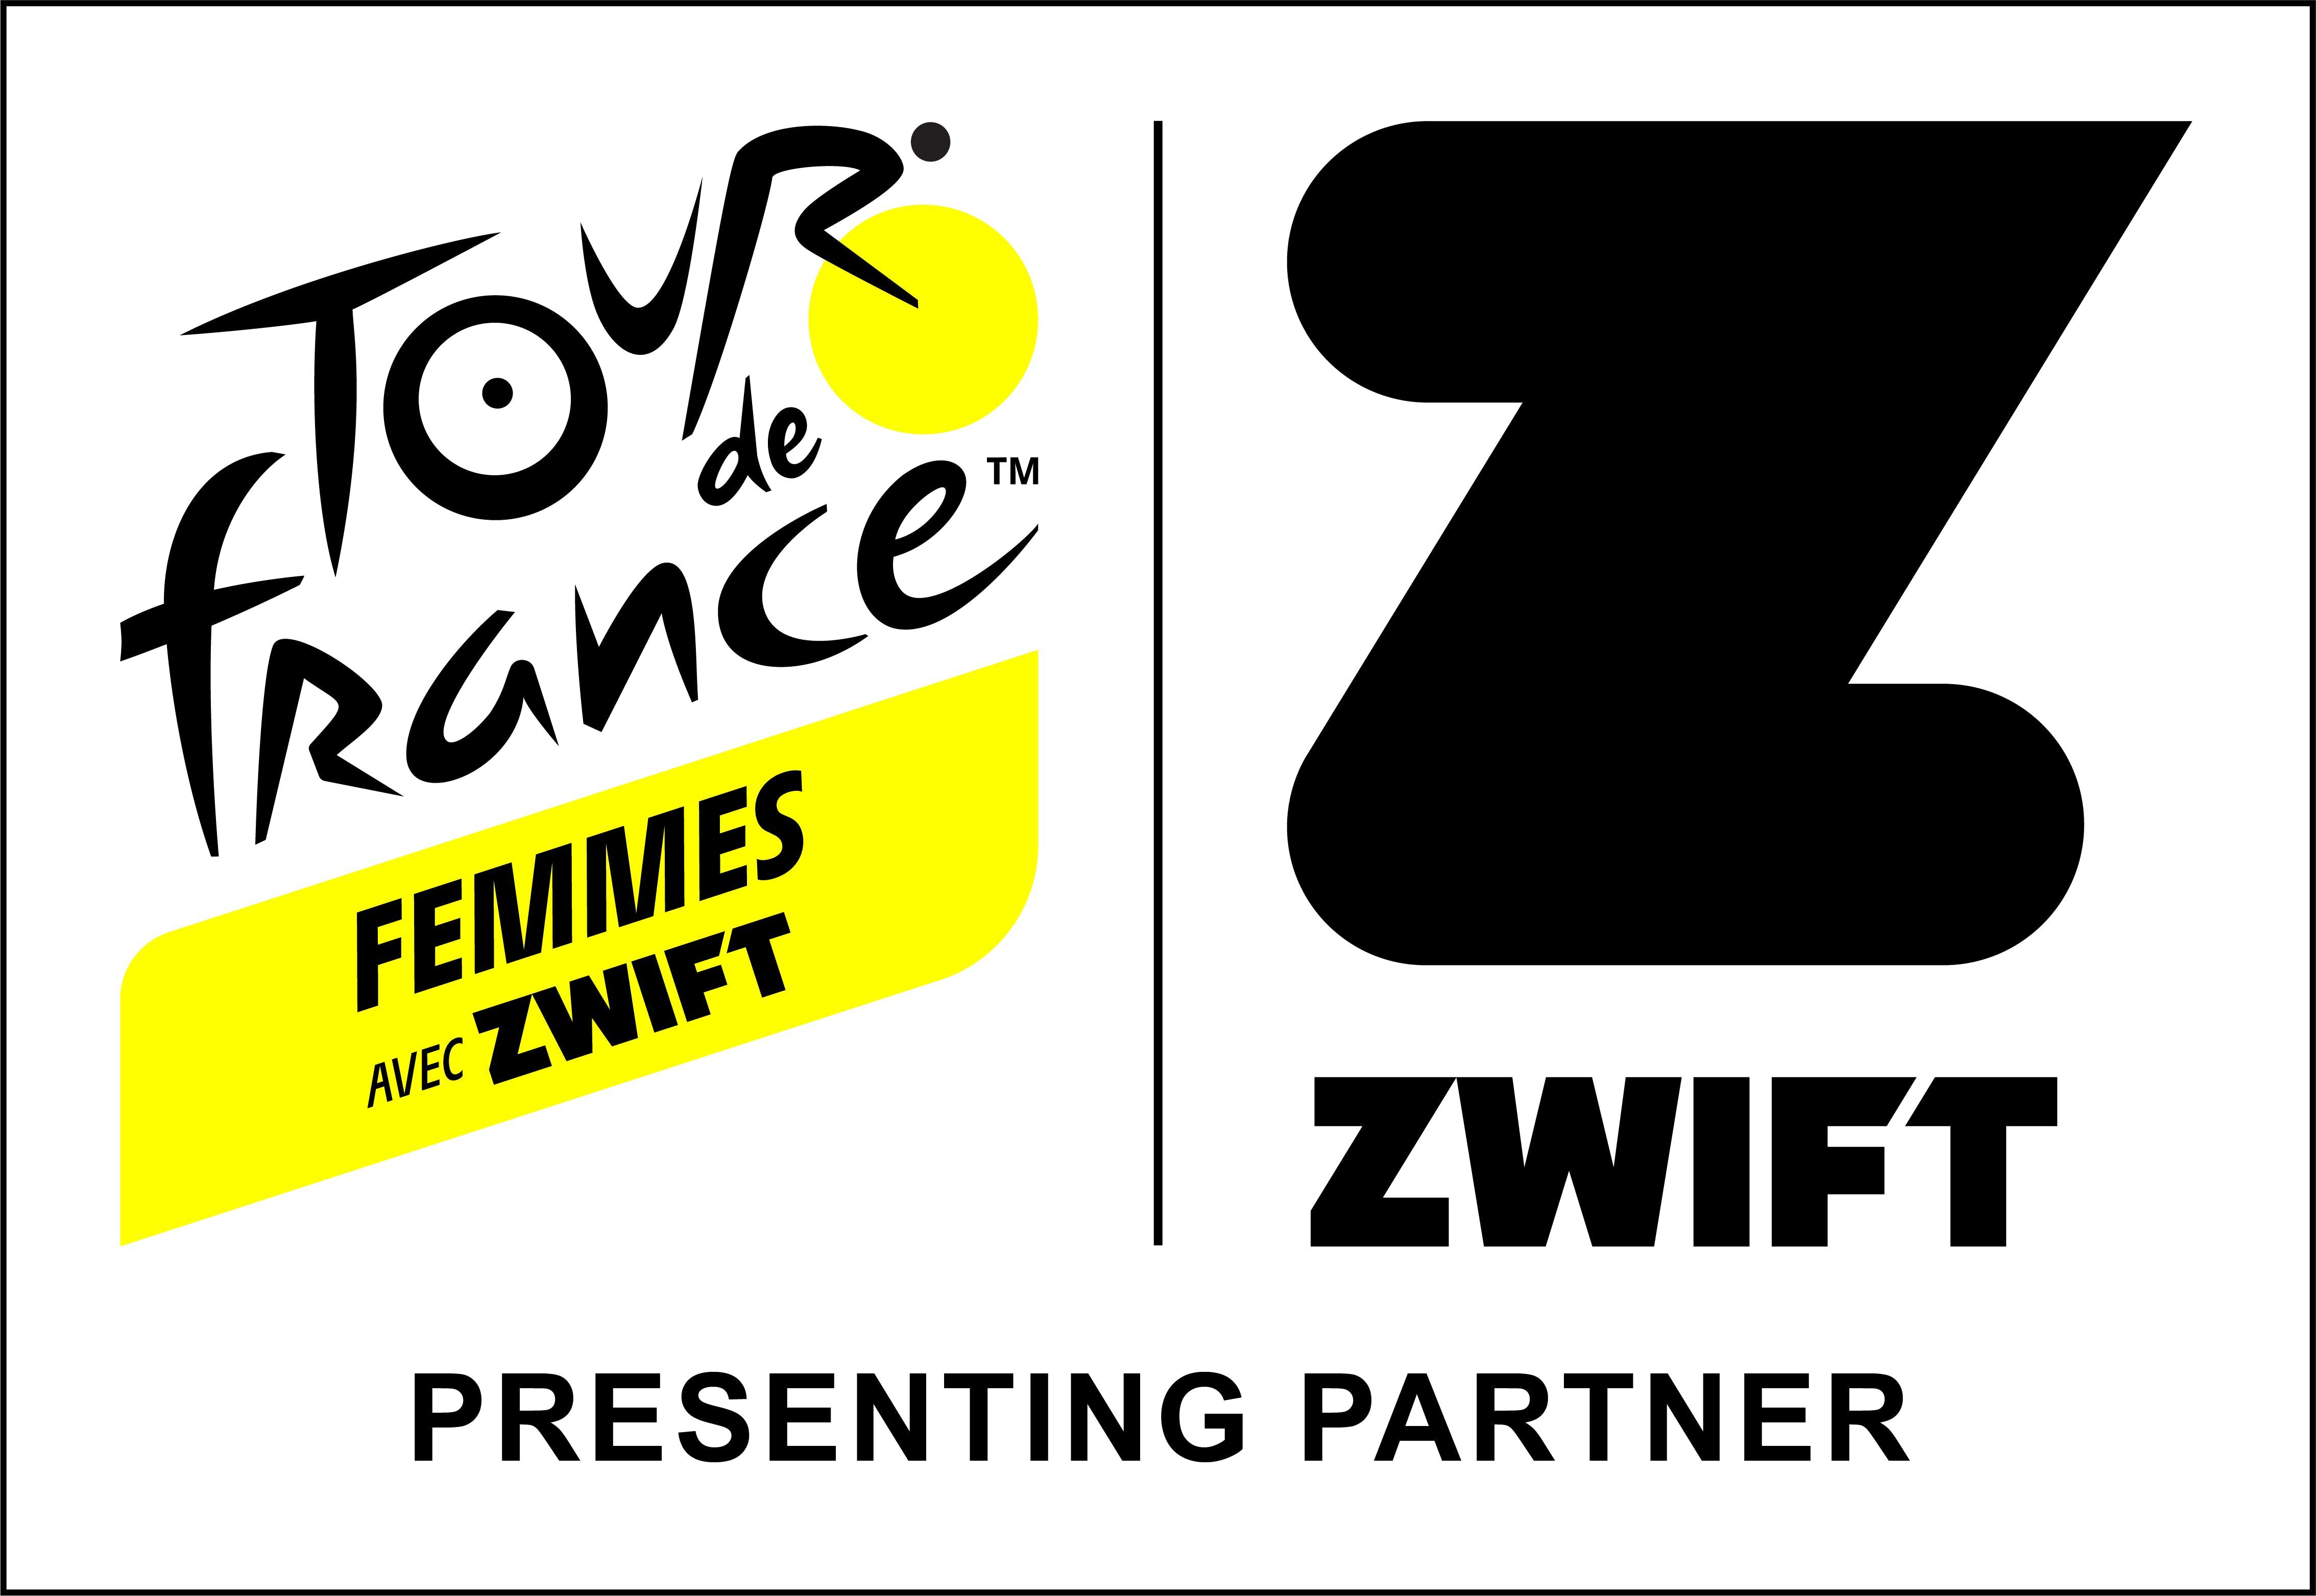 ABOUT THE TOUR DE FRANCE FEMMES AVEC ZWIFT